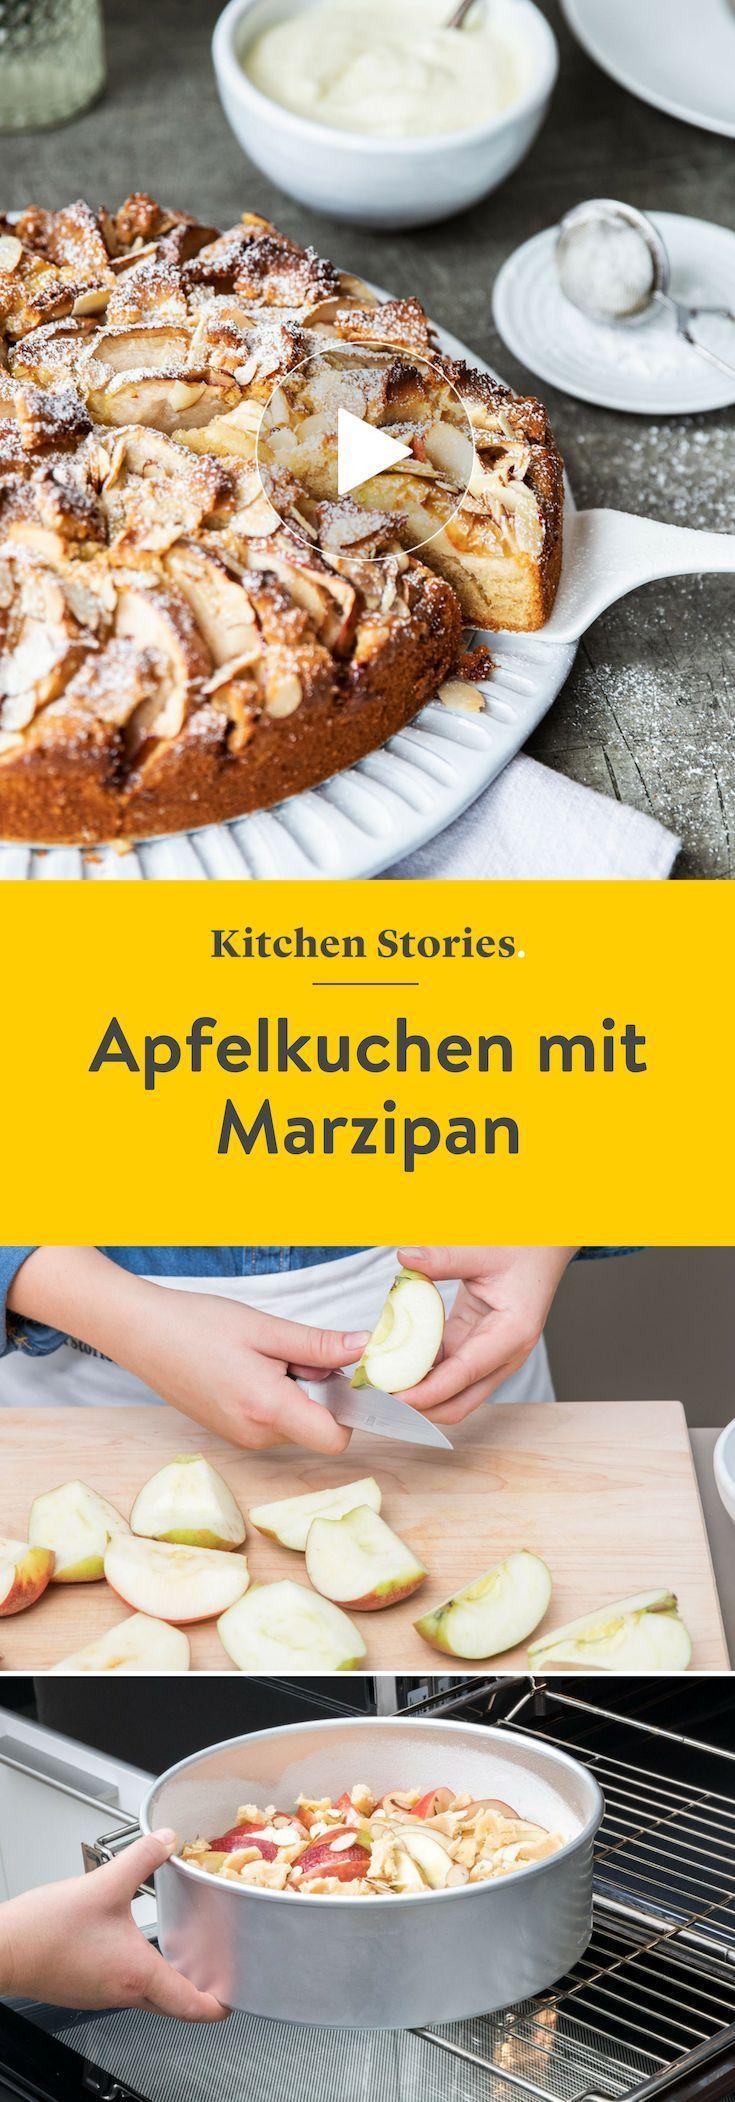 Apfelkuchen mit Marzipan | Rezept mit Video | Kitchen Stories